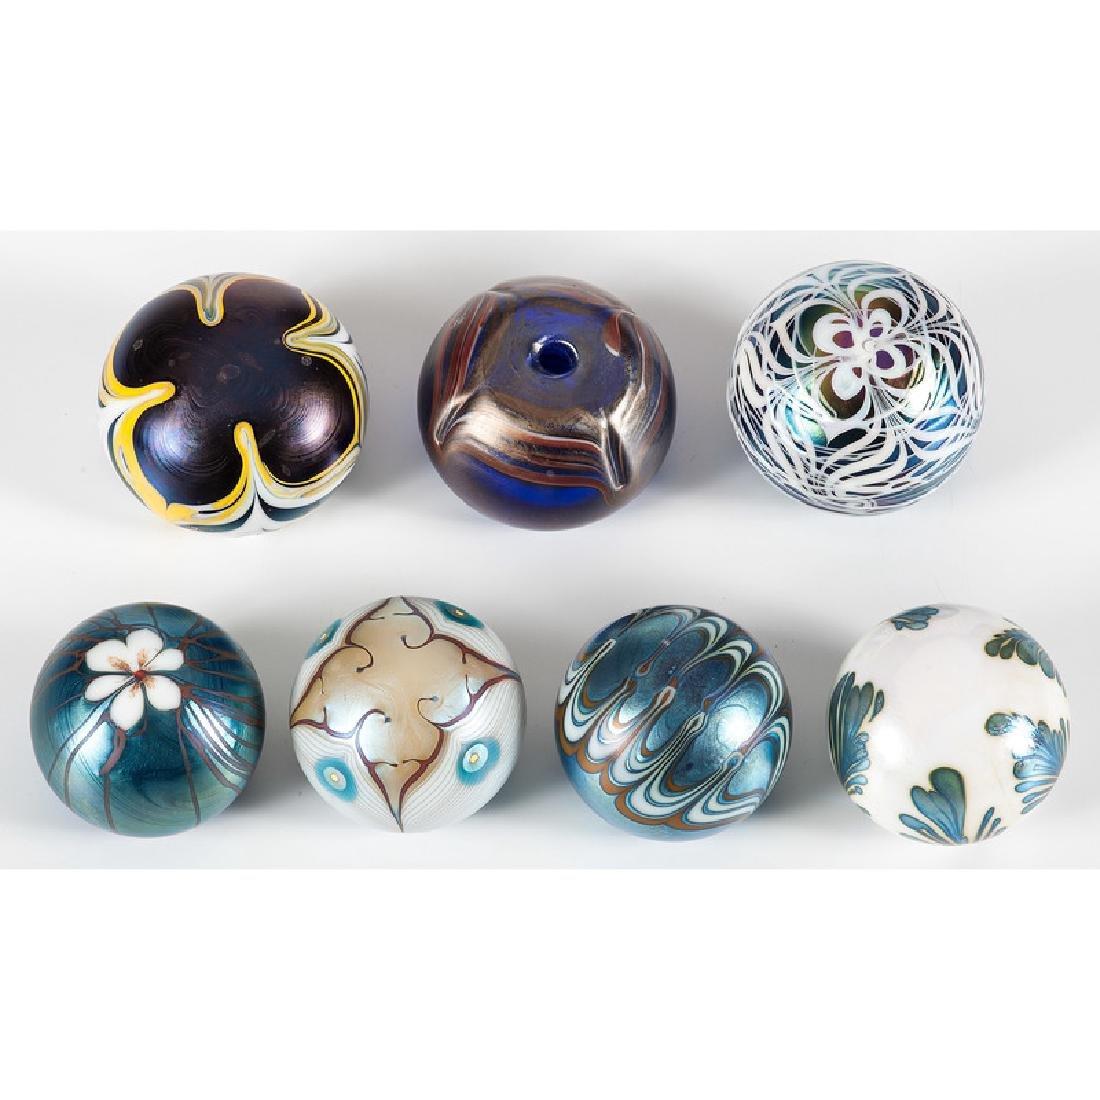 Iridescent Art Glass Paperweights